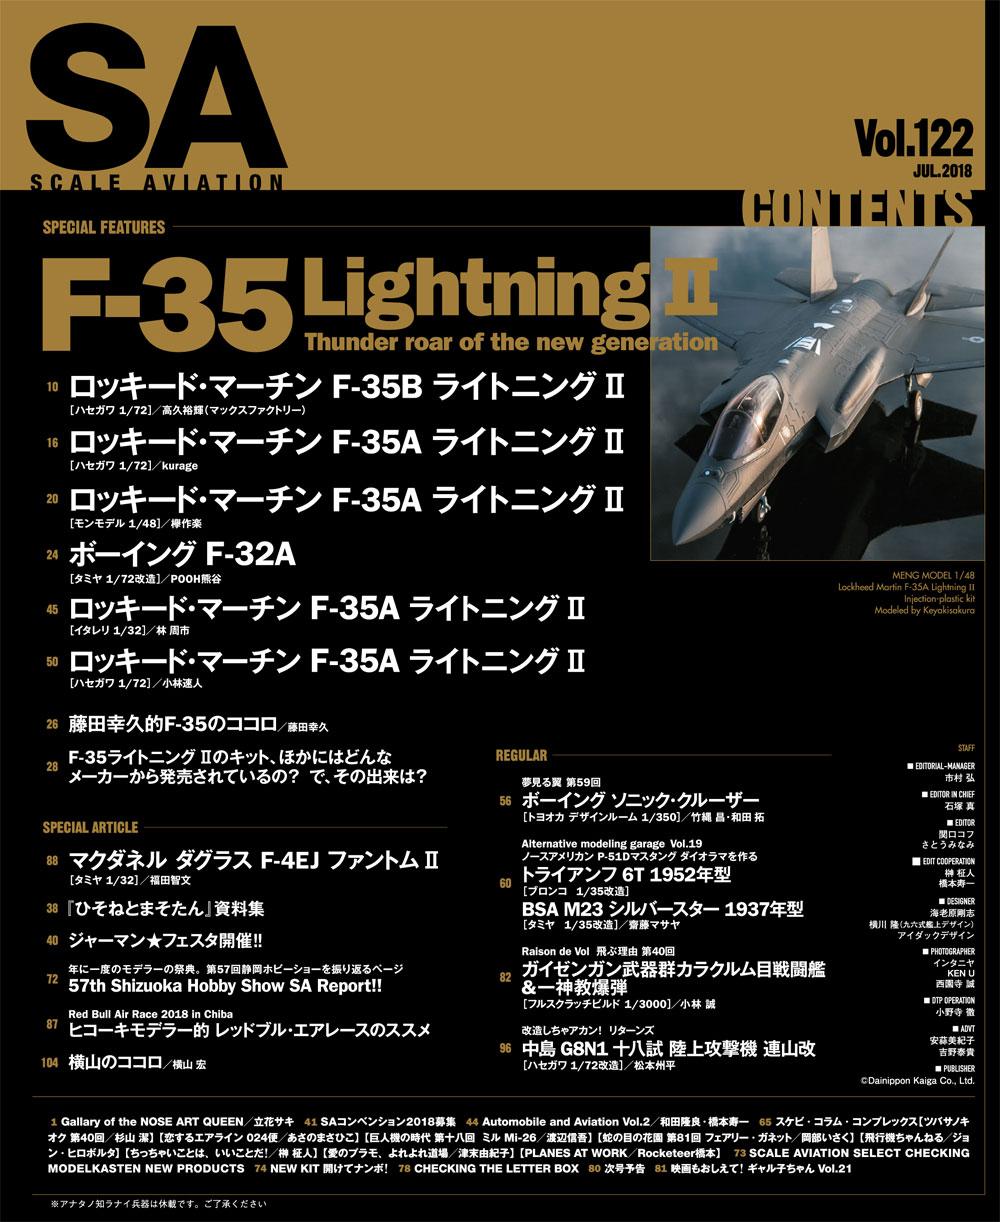 スケール アヴィエーション 2018年7月号雑誌(大日本絵画Scale AviationNo.Vol.122)商品画像_1